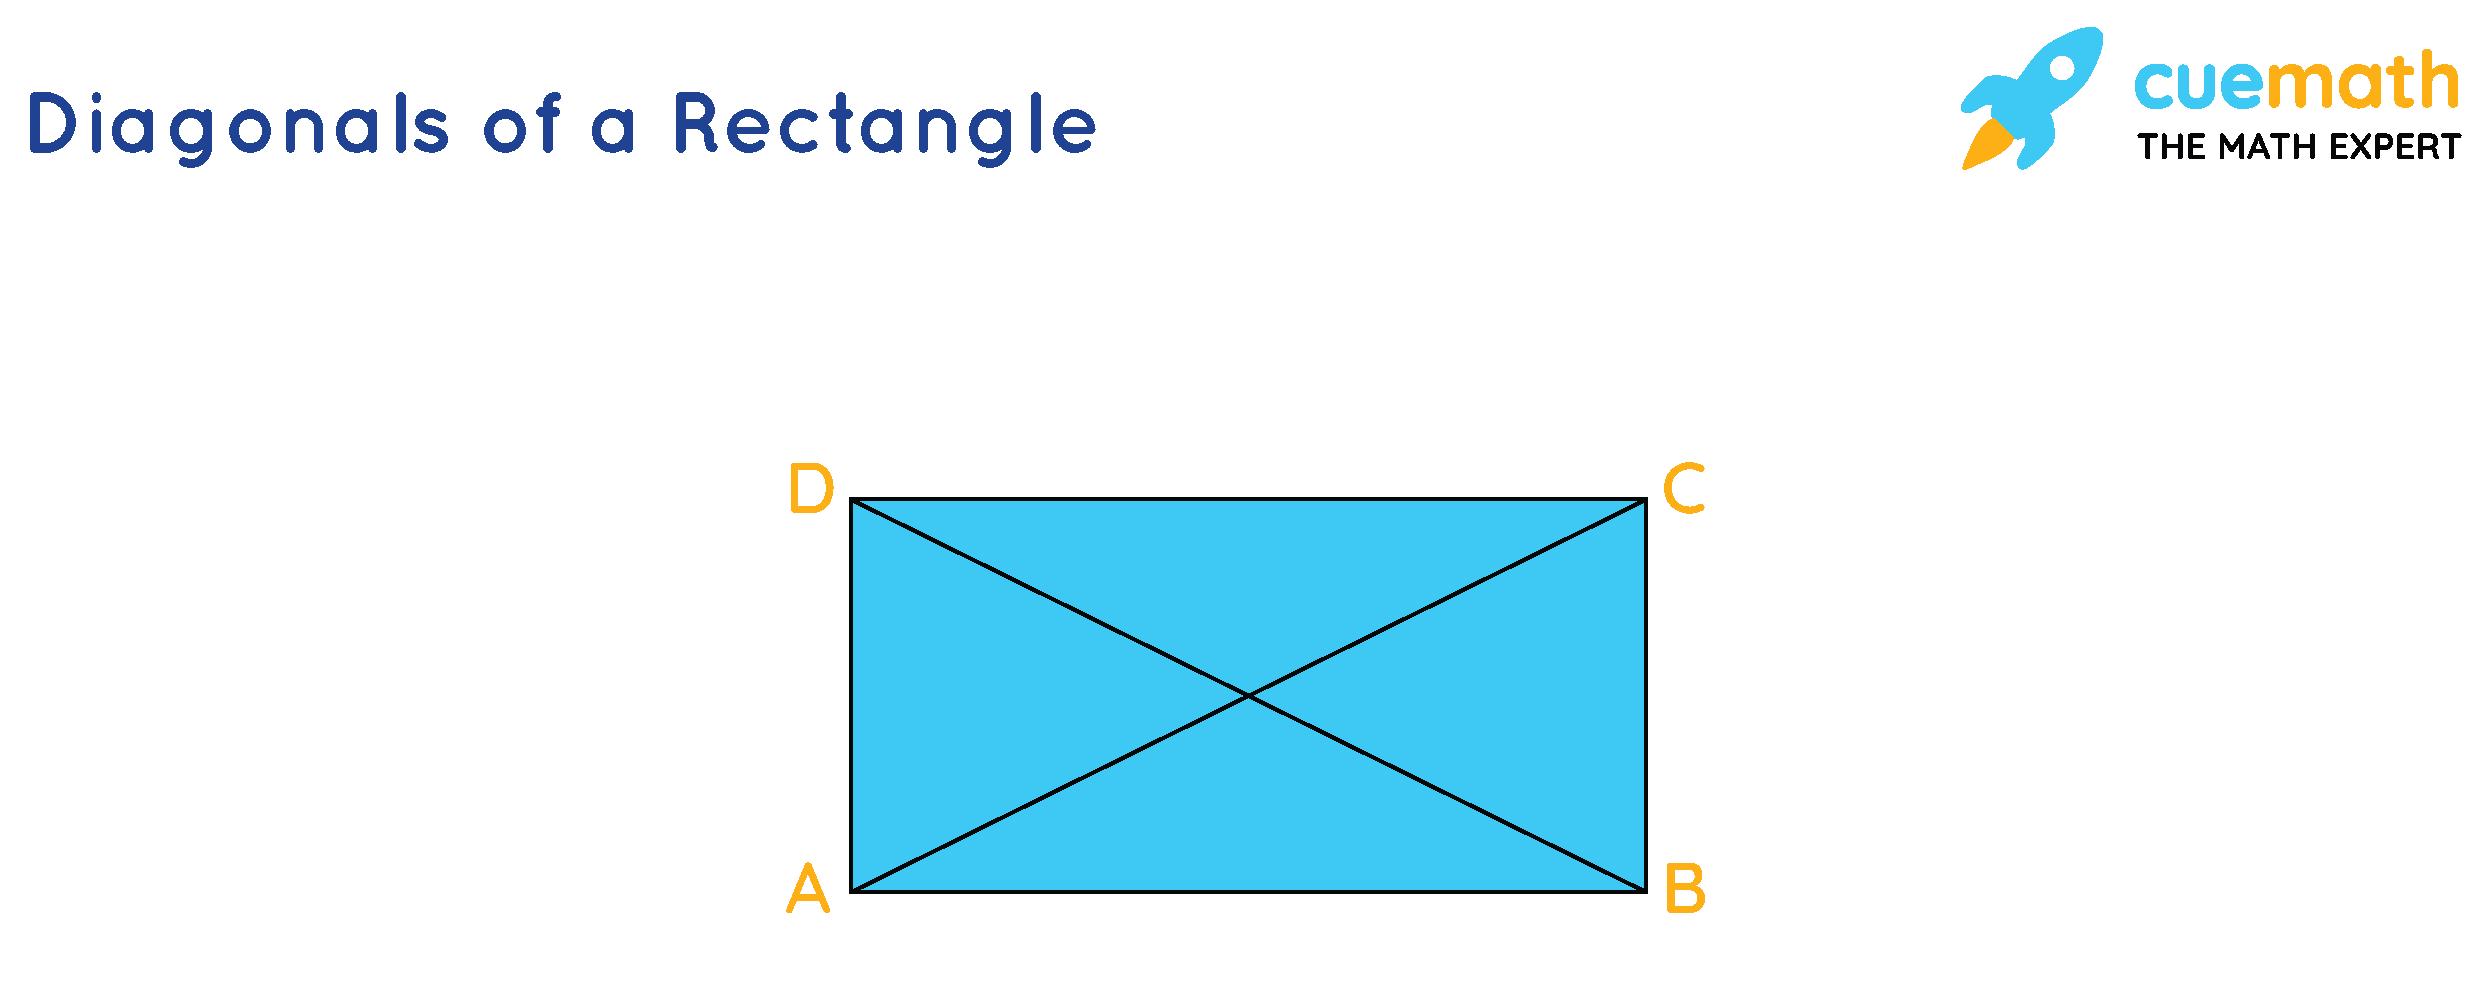 Diagonals of a rectangle